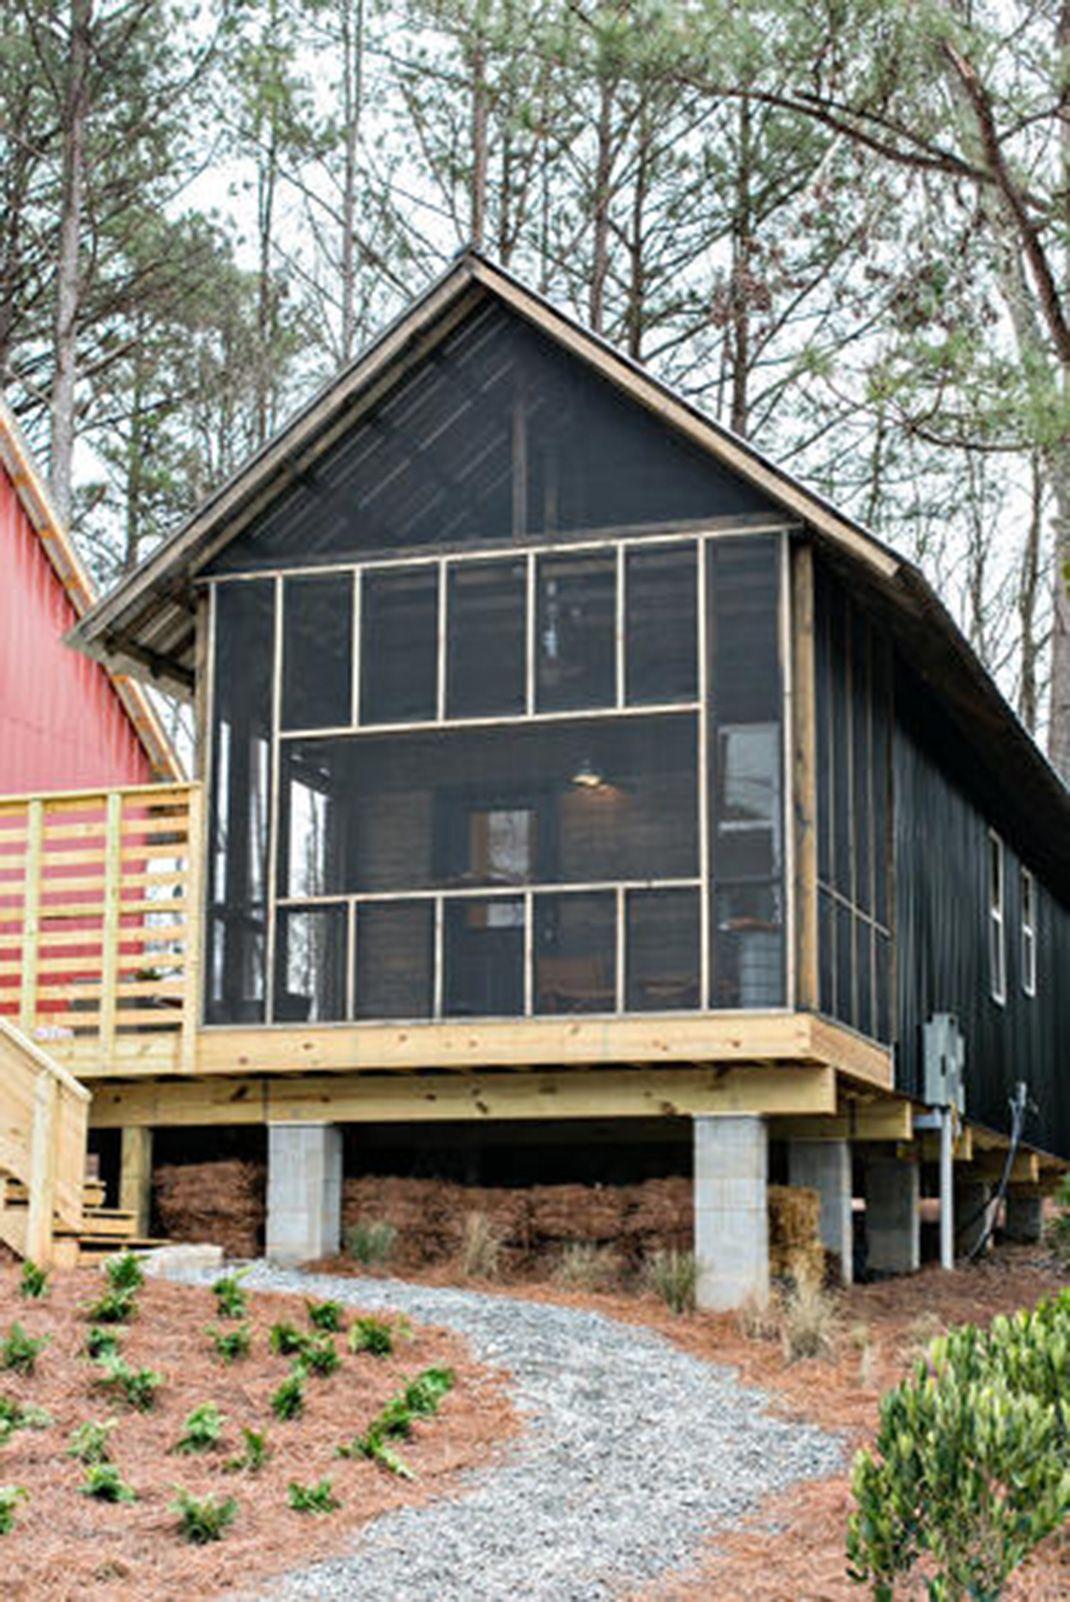 Superb Pour Venir En Aide Aux Familles En Difficulté, Ces étudiants Ont Construit  Des Maisons écologiques à Moindre Coût